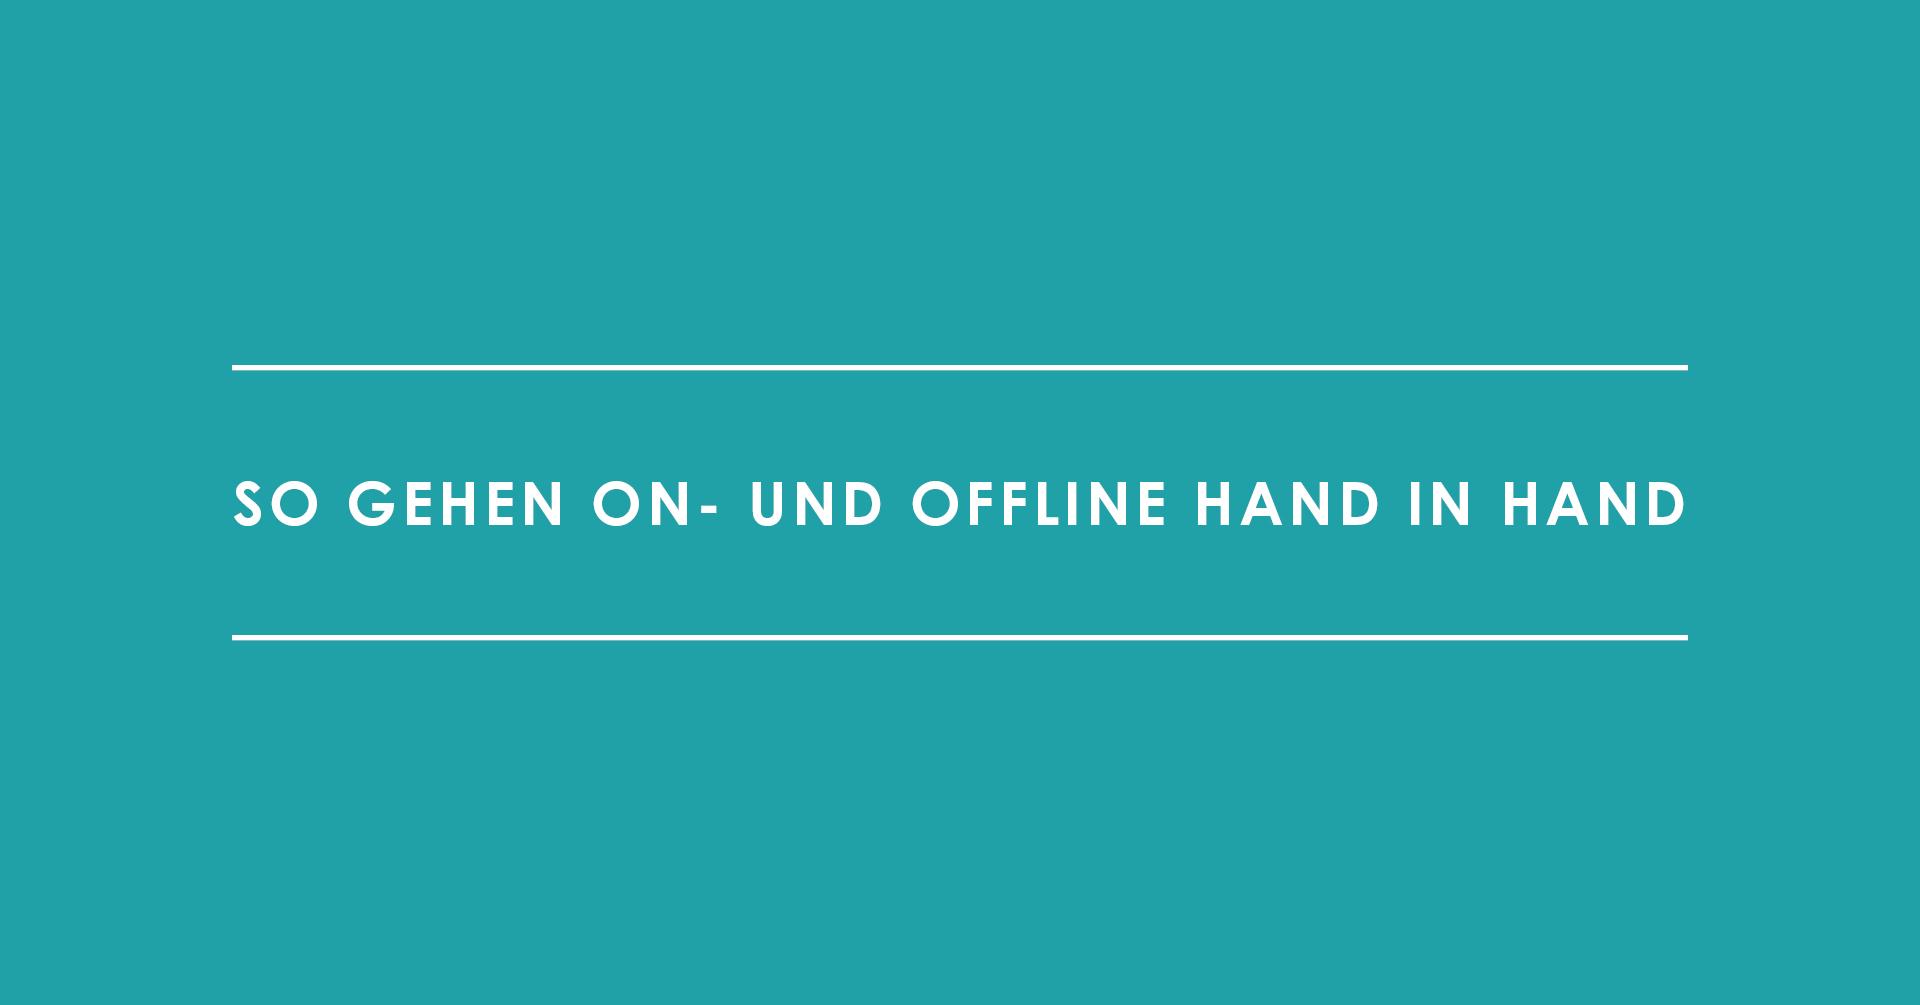 Marketing-Teamstruktur: So gehen On- und Offline Hand in Hand